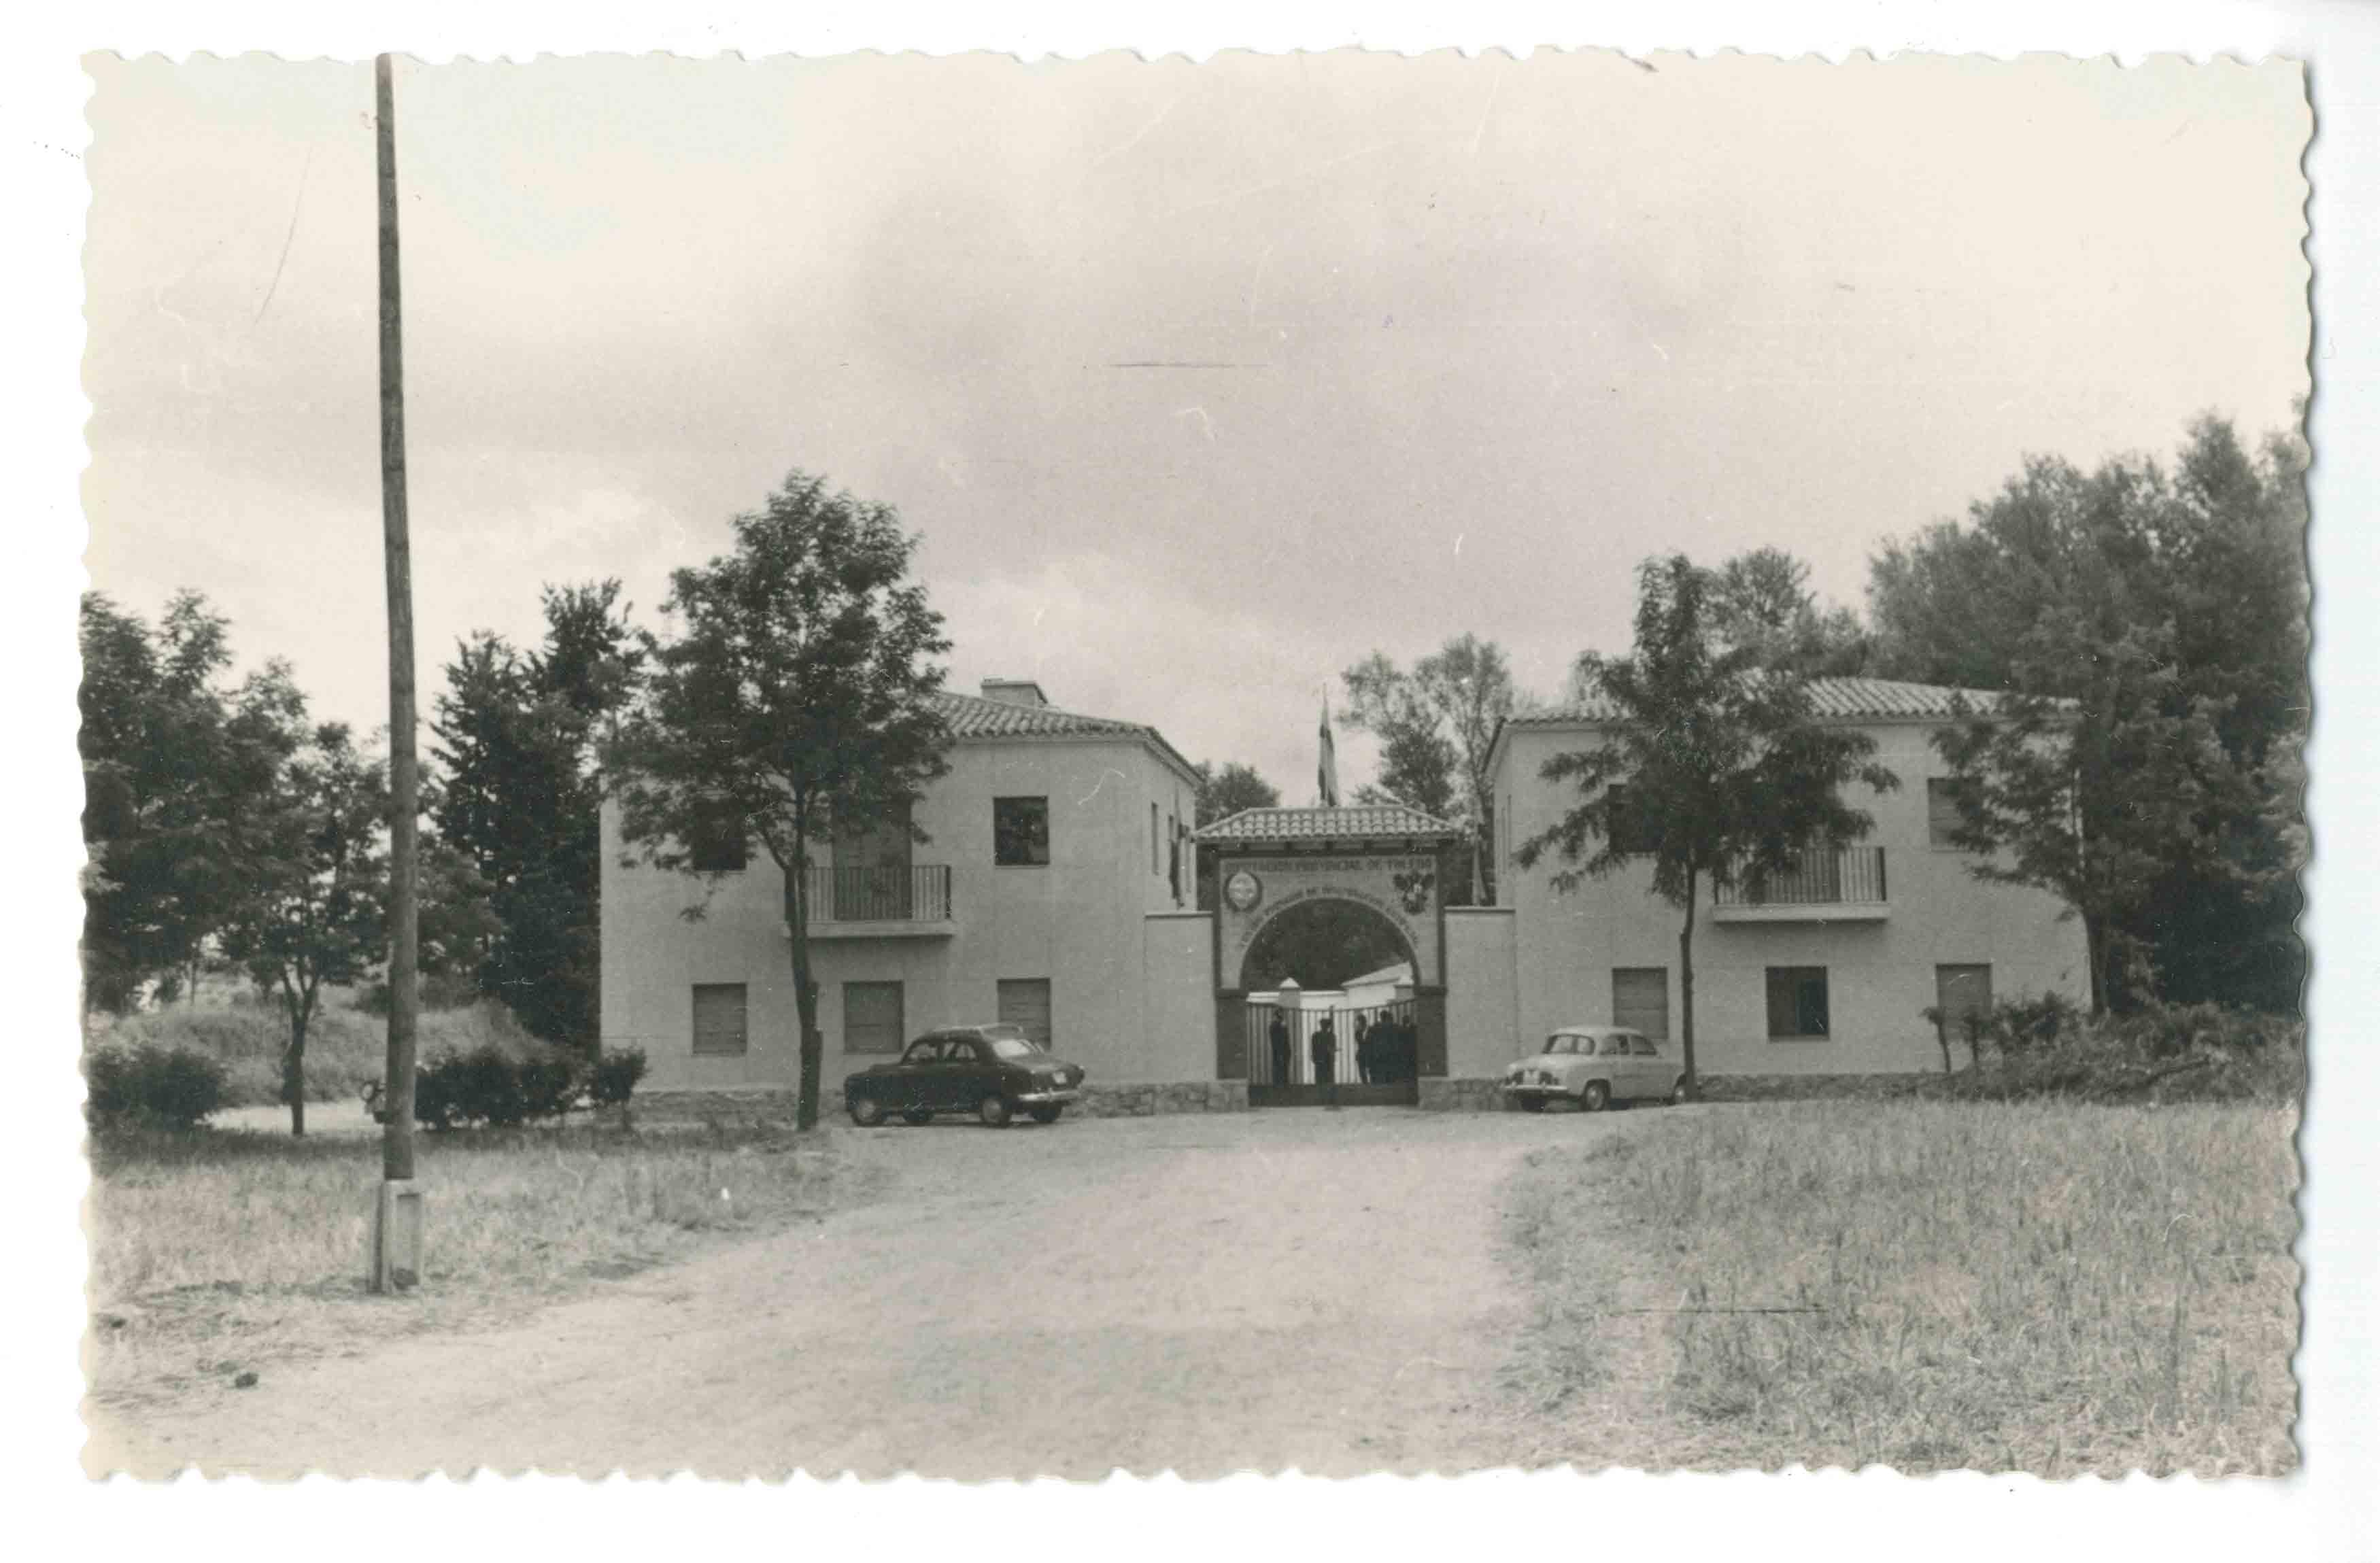 Talavera de la Reina. Centro de Inseminación. 1963 (P-915)